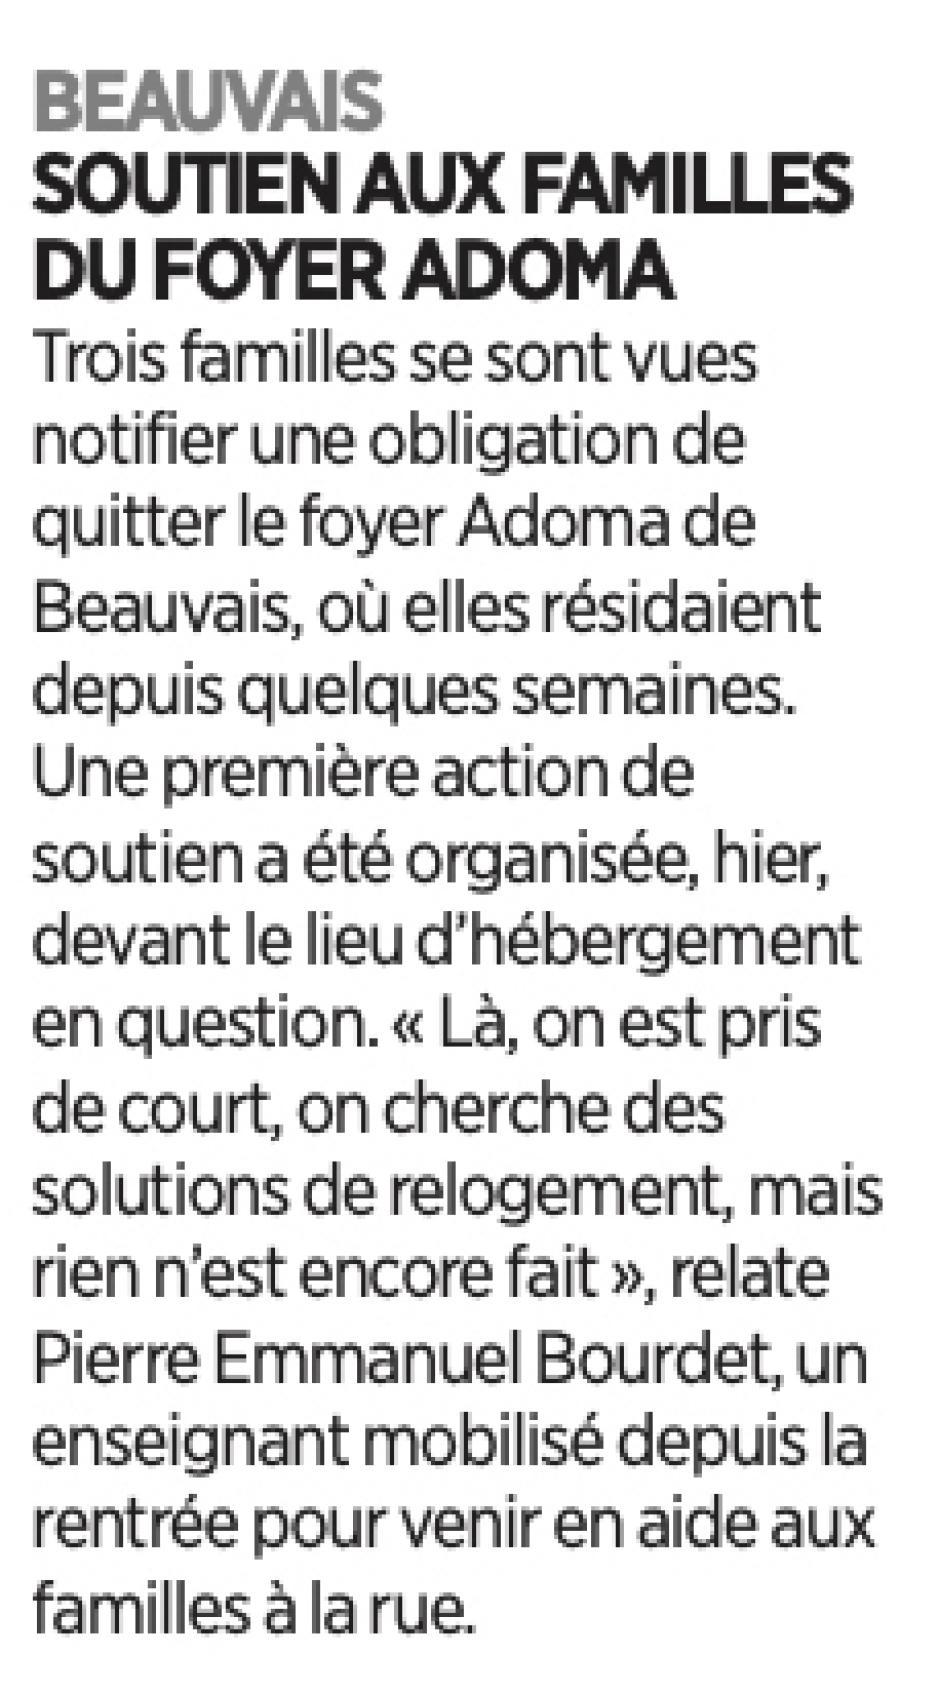 20191229-LeP-Beauvais-Soutien aux familles du foyer Adoma